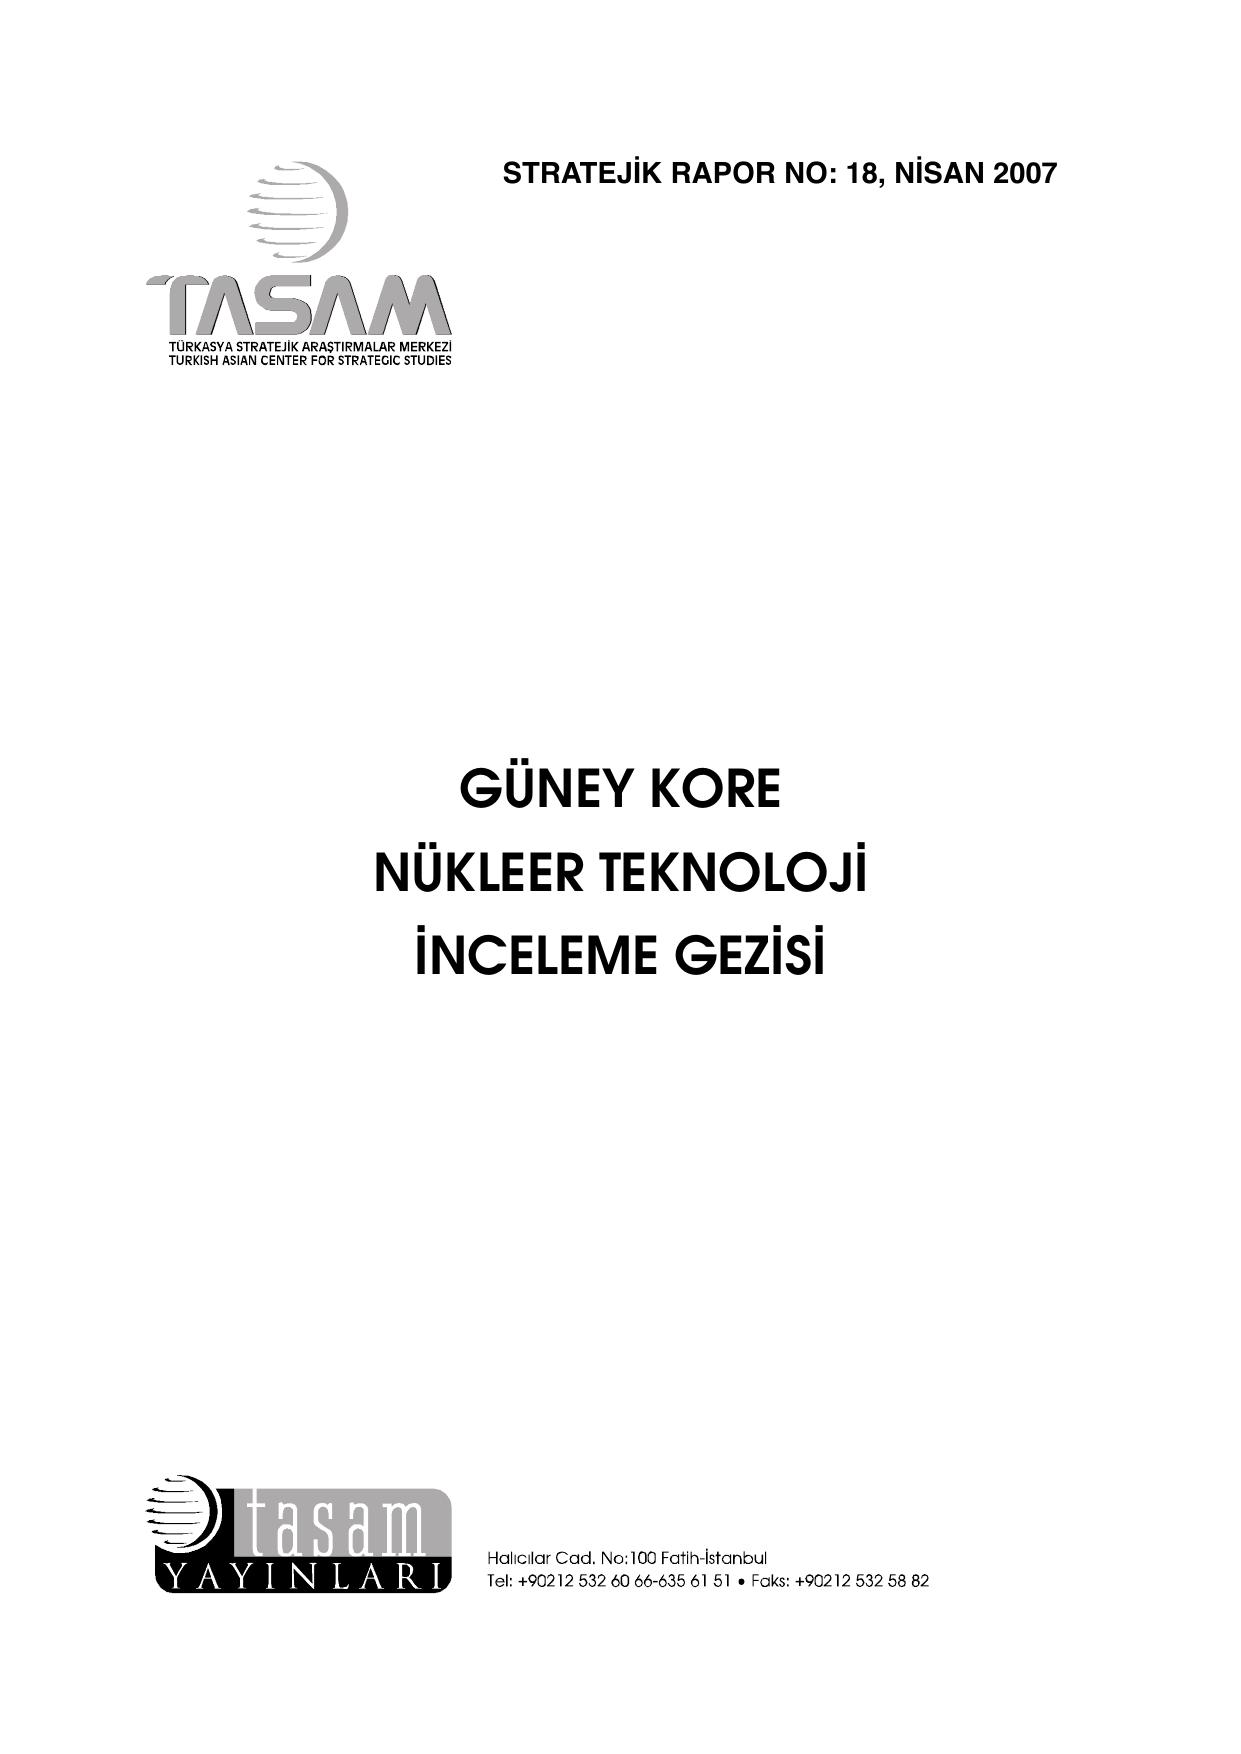 Kursk nüfusu: tarih, güç, etnik kompozisyon 53